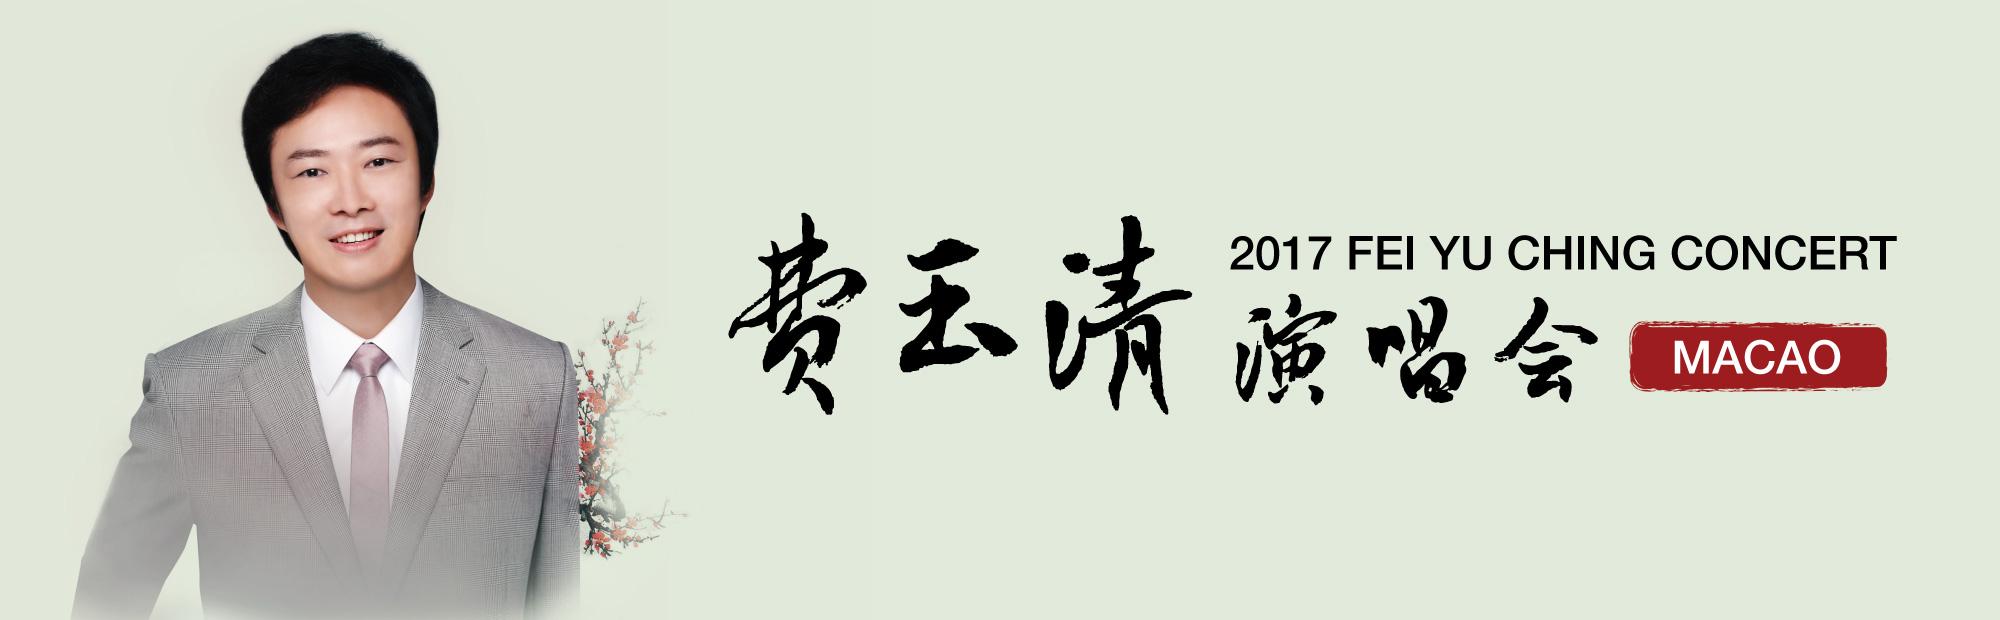 Fei Yu Ching 2017 Macao Concert